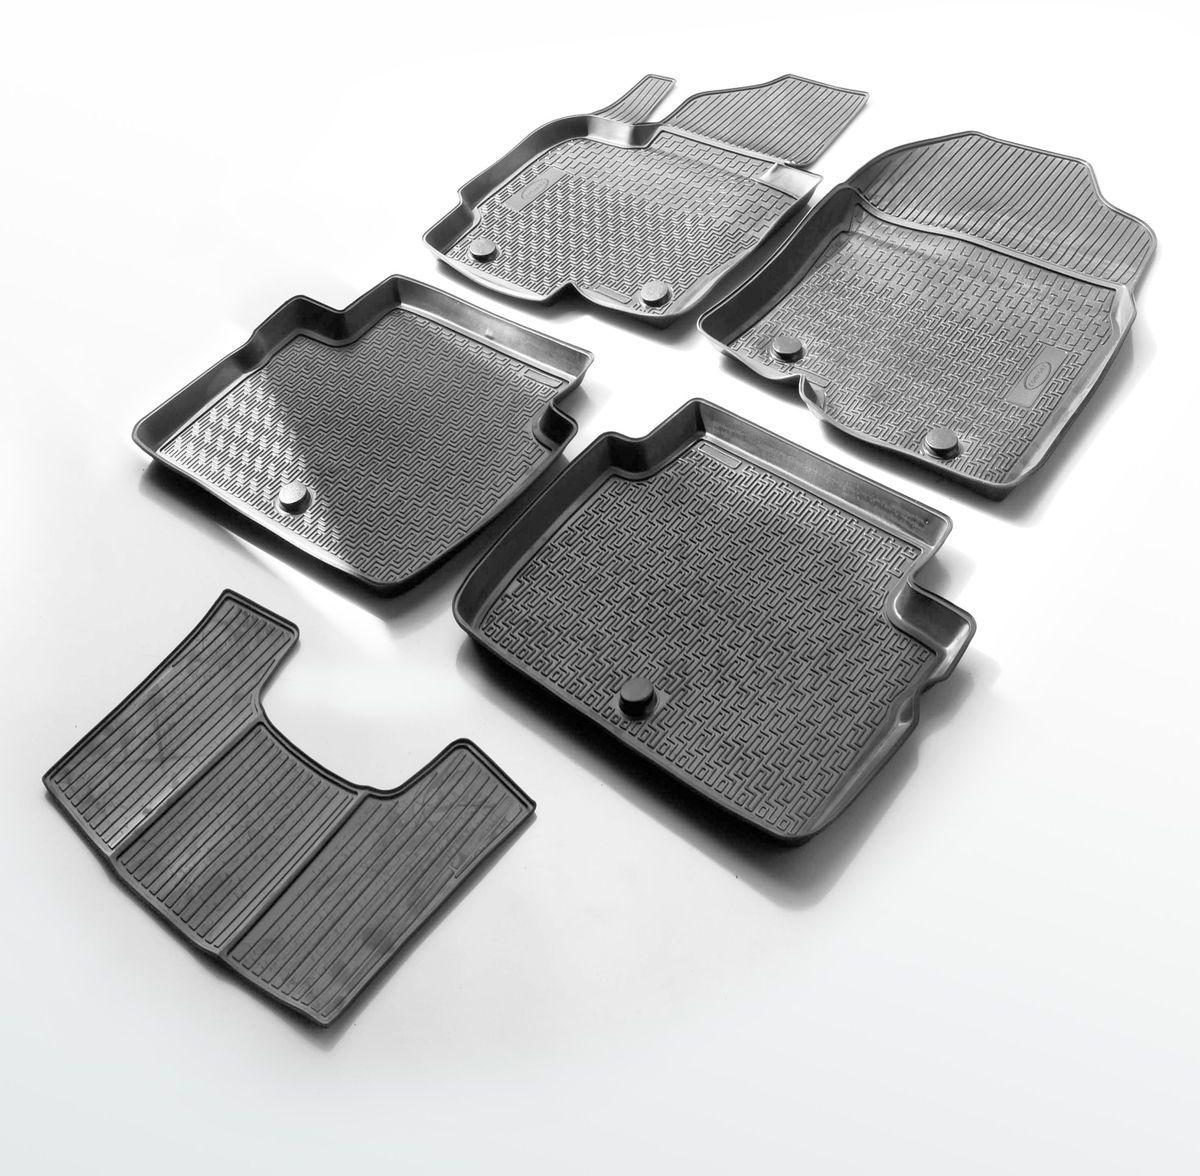 Коврики салона Rival для Nissan Qashqai (кроме российской сборки) 2014-2015, c перемычкой, полиуретан14105001Прочные и долговечные коврики Rival в салон автомобиля, изготовлены из высококачественного и экологичного сырья. Коврики полностью повторяют геометрию салона вашего автомобиля.- Надежная система крепления, позволяющая закрепить коврик на штатные элементы фиксации, в результате чего отсутствует эффект скольжения по салону автомобиля.- Высокая стойкость поверхности к стиранию.- Специализированный рисунок и высокий борт, препятствующие распространению грязи и жидкости по поверхности коврика.- Перемычка задних ковриков в комплекте предотвращает загрязнение тоннеля карданного вала.- Коврики произведены из первичных материалов, в результате чего отсутствует неприятный запах в салоне автомобиля.- Высокая эластичность, можно беспрепятственно эксплуатировать при температуре от -45°C до +45°C. Уважаемые клиенты! Обращаем ваше внимание, что коврики имеют форму, соответствующую модели данного автомобиля. Фото служит для визуального восприятия товара.